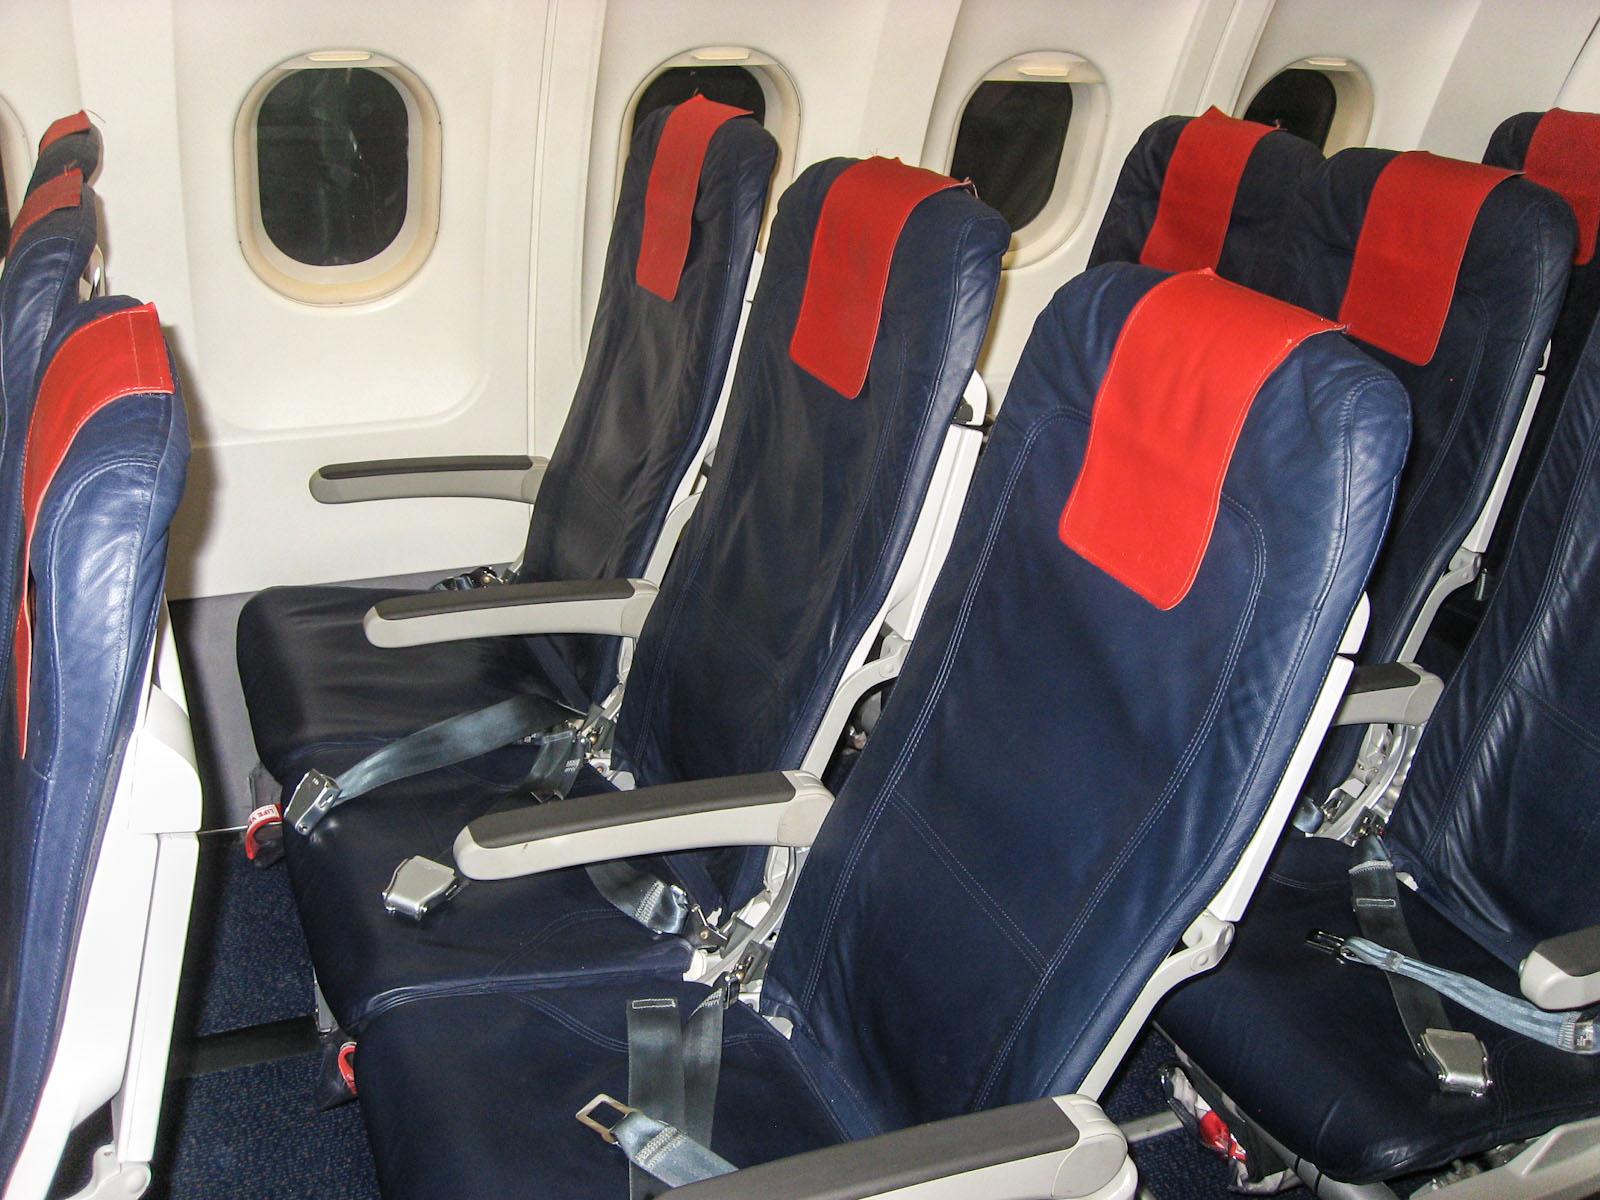 Пассажирские кресла эконом-класс в Airbus A320 Брюссельских авиалиний